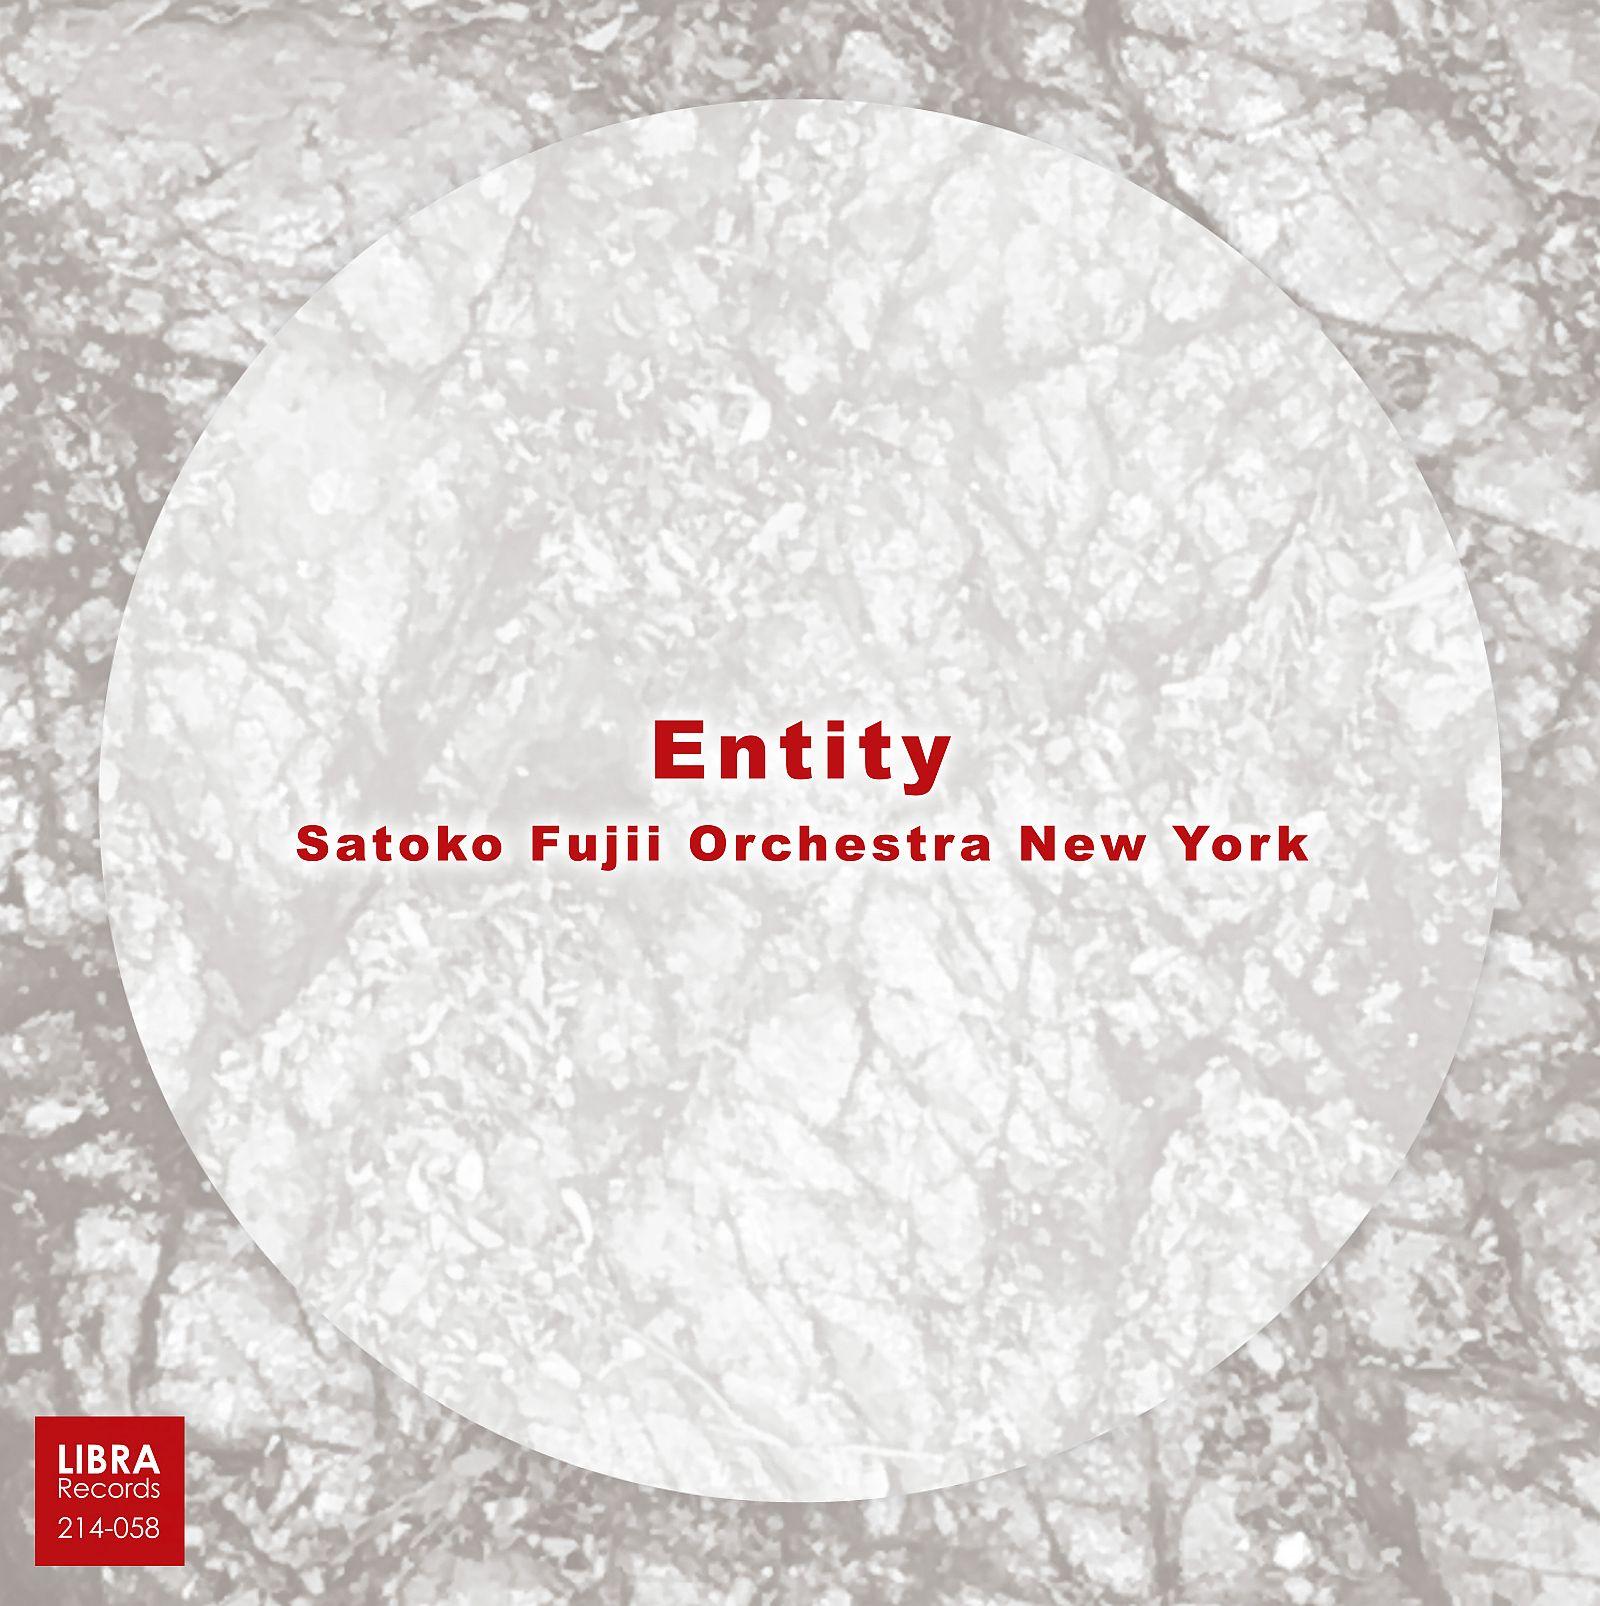 Entity_jacket_入稿